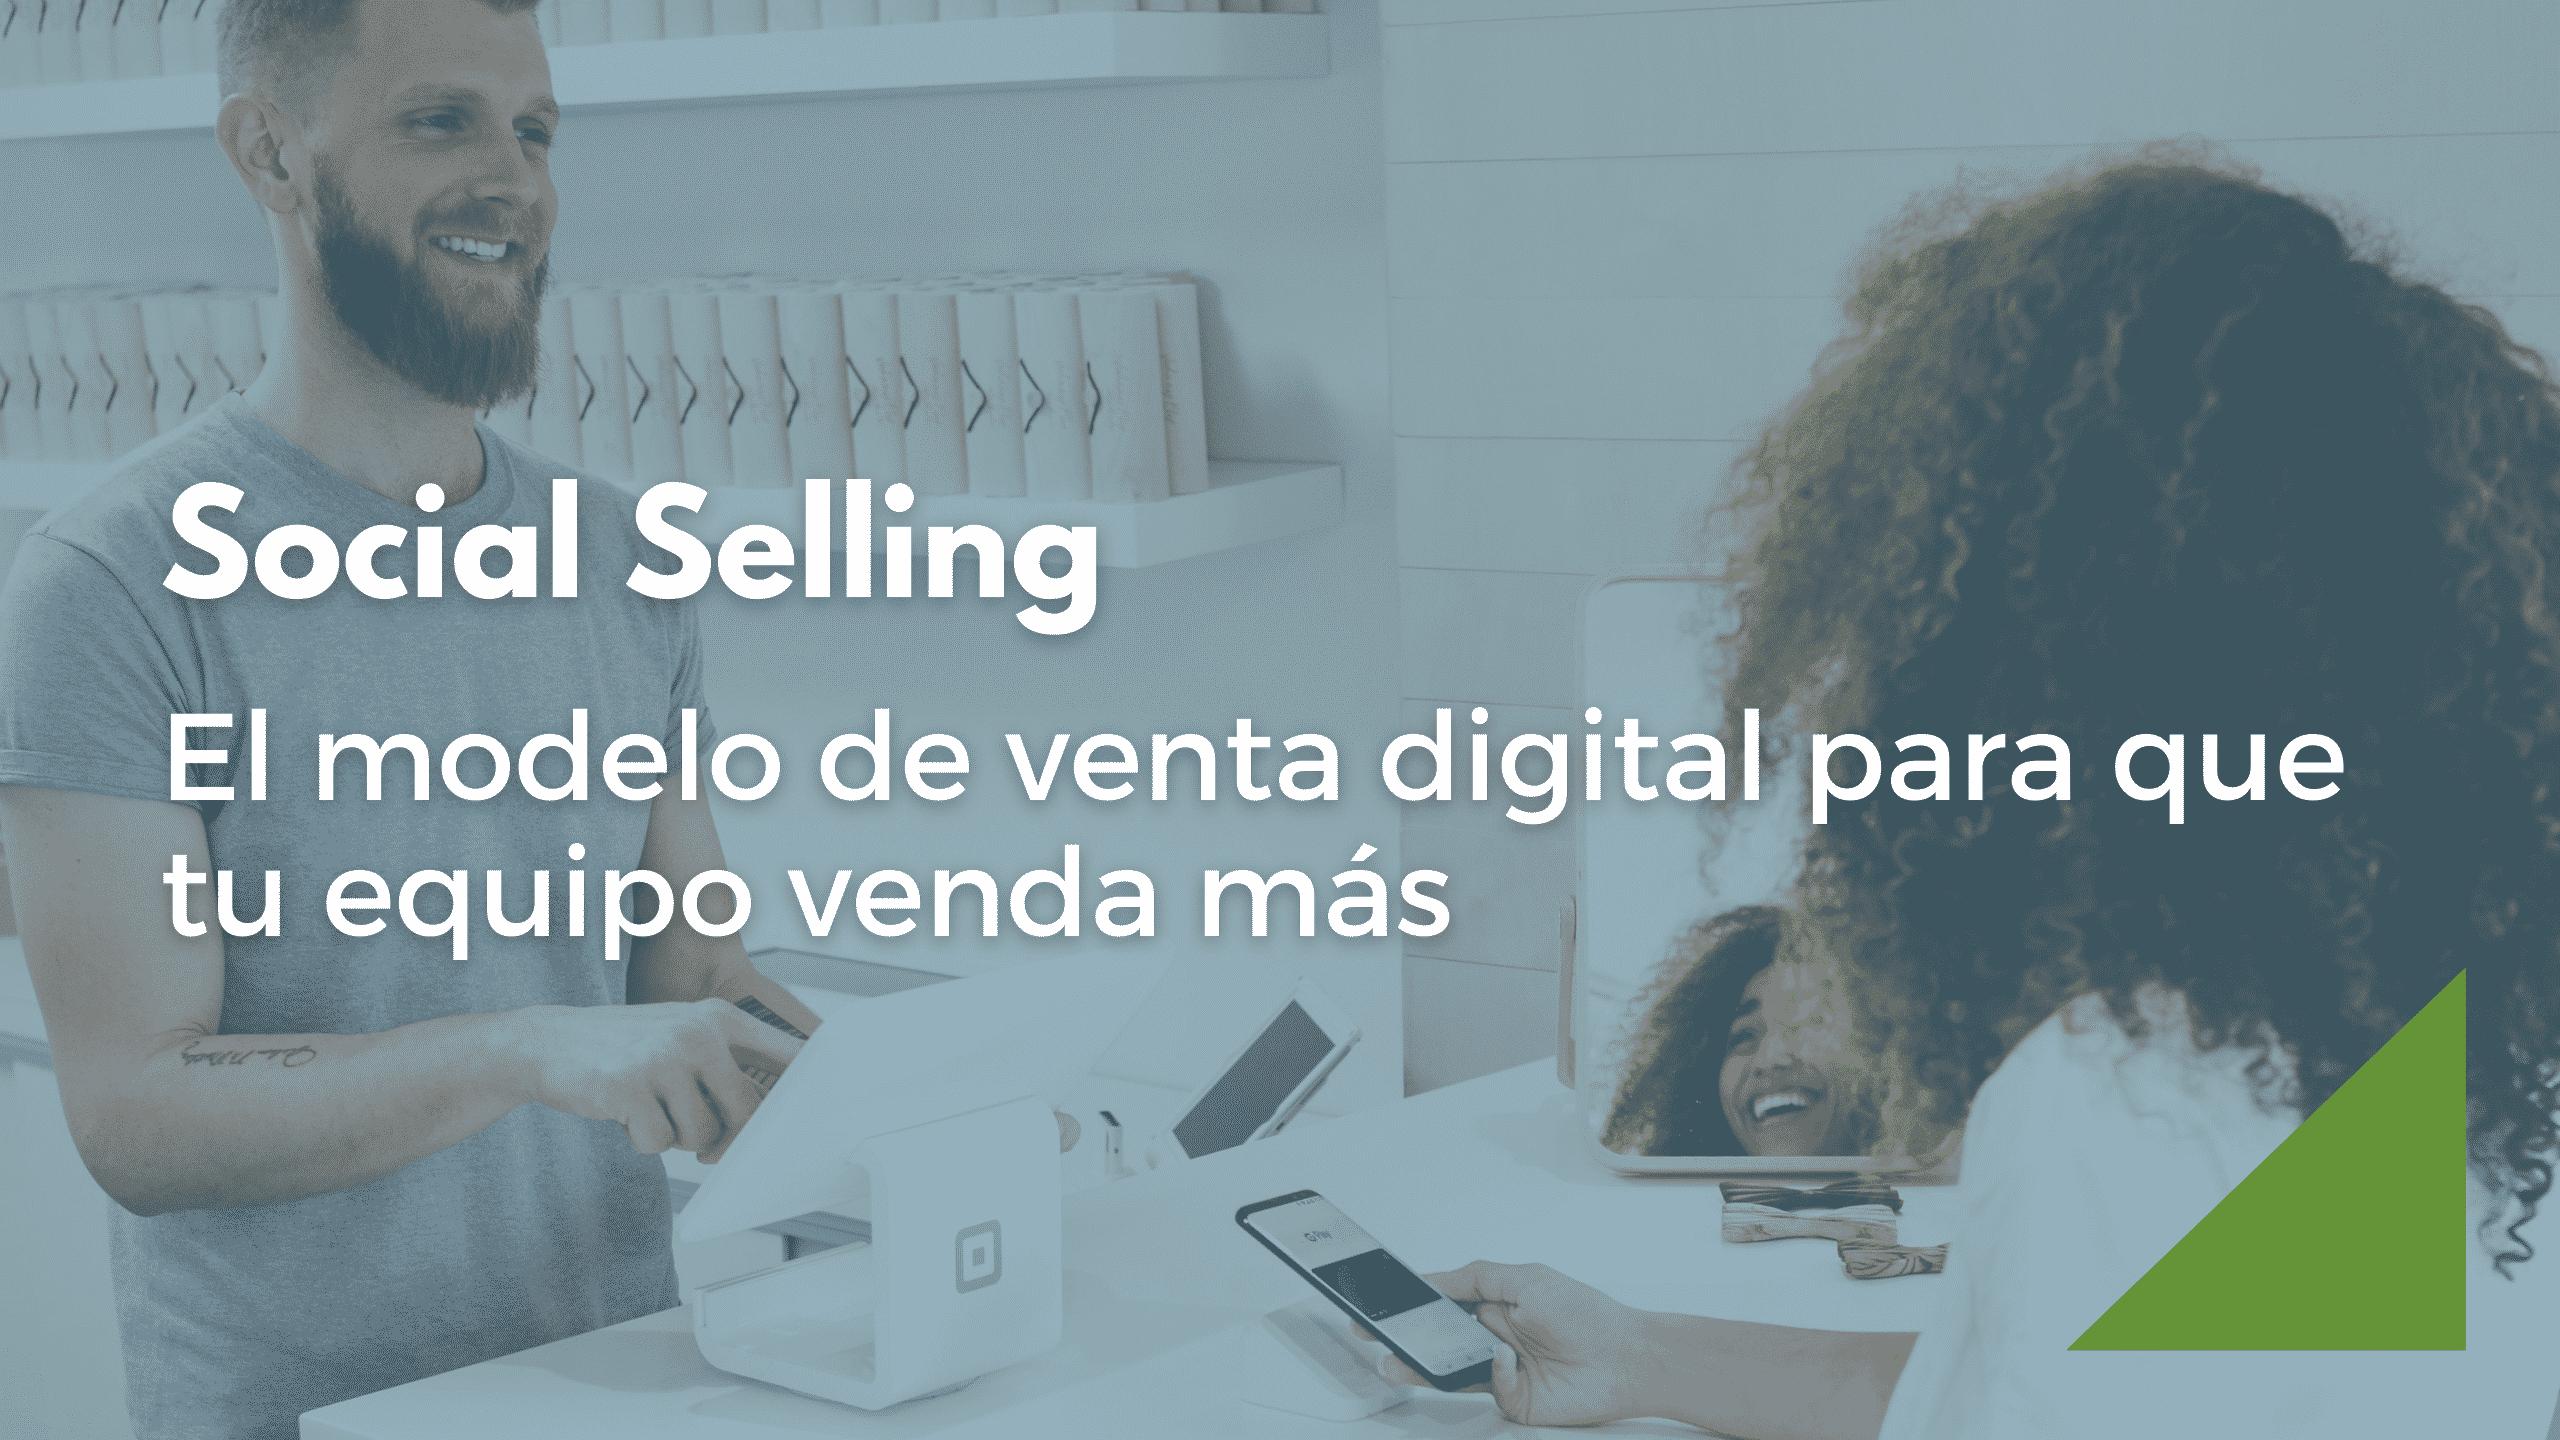 Descubre cómo el Social Selling puede ayudarte a potenciar tus ventas y ahorrar costes comerciales